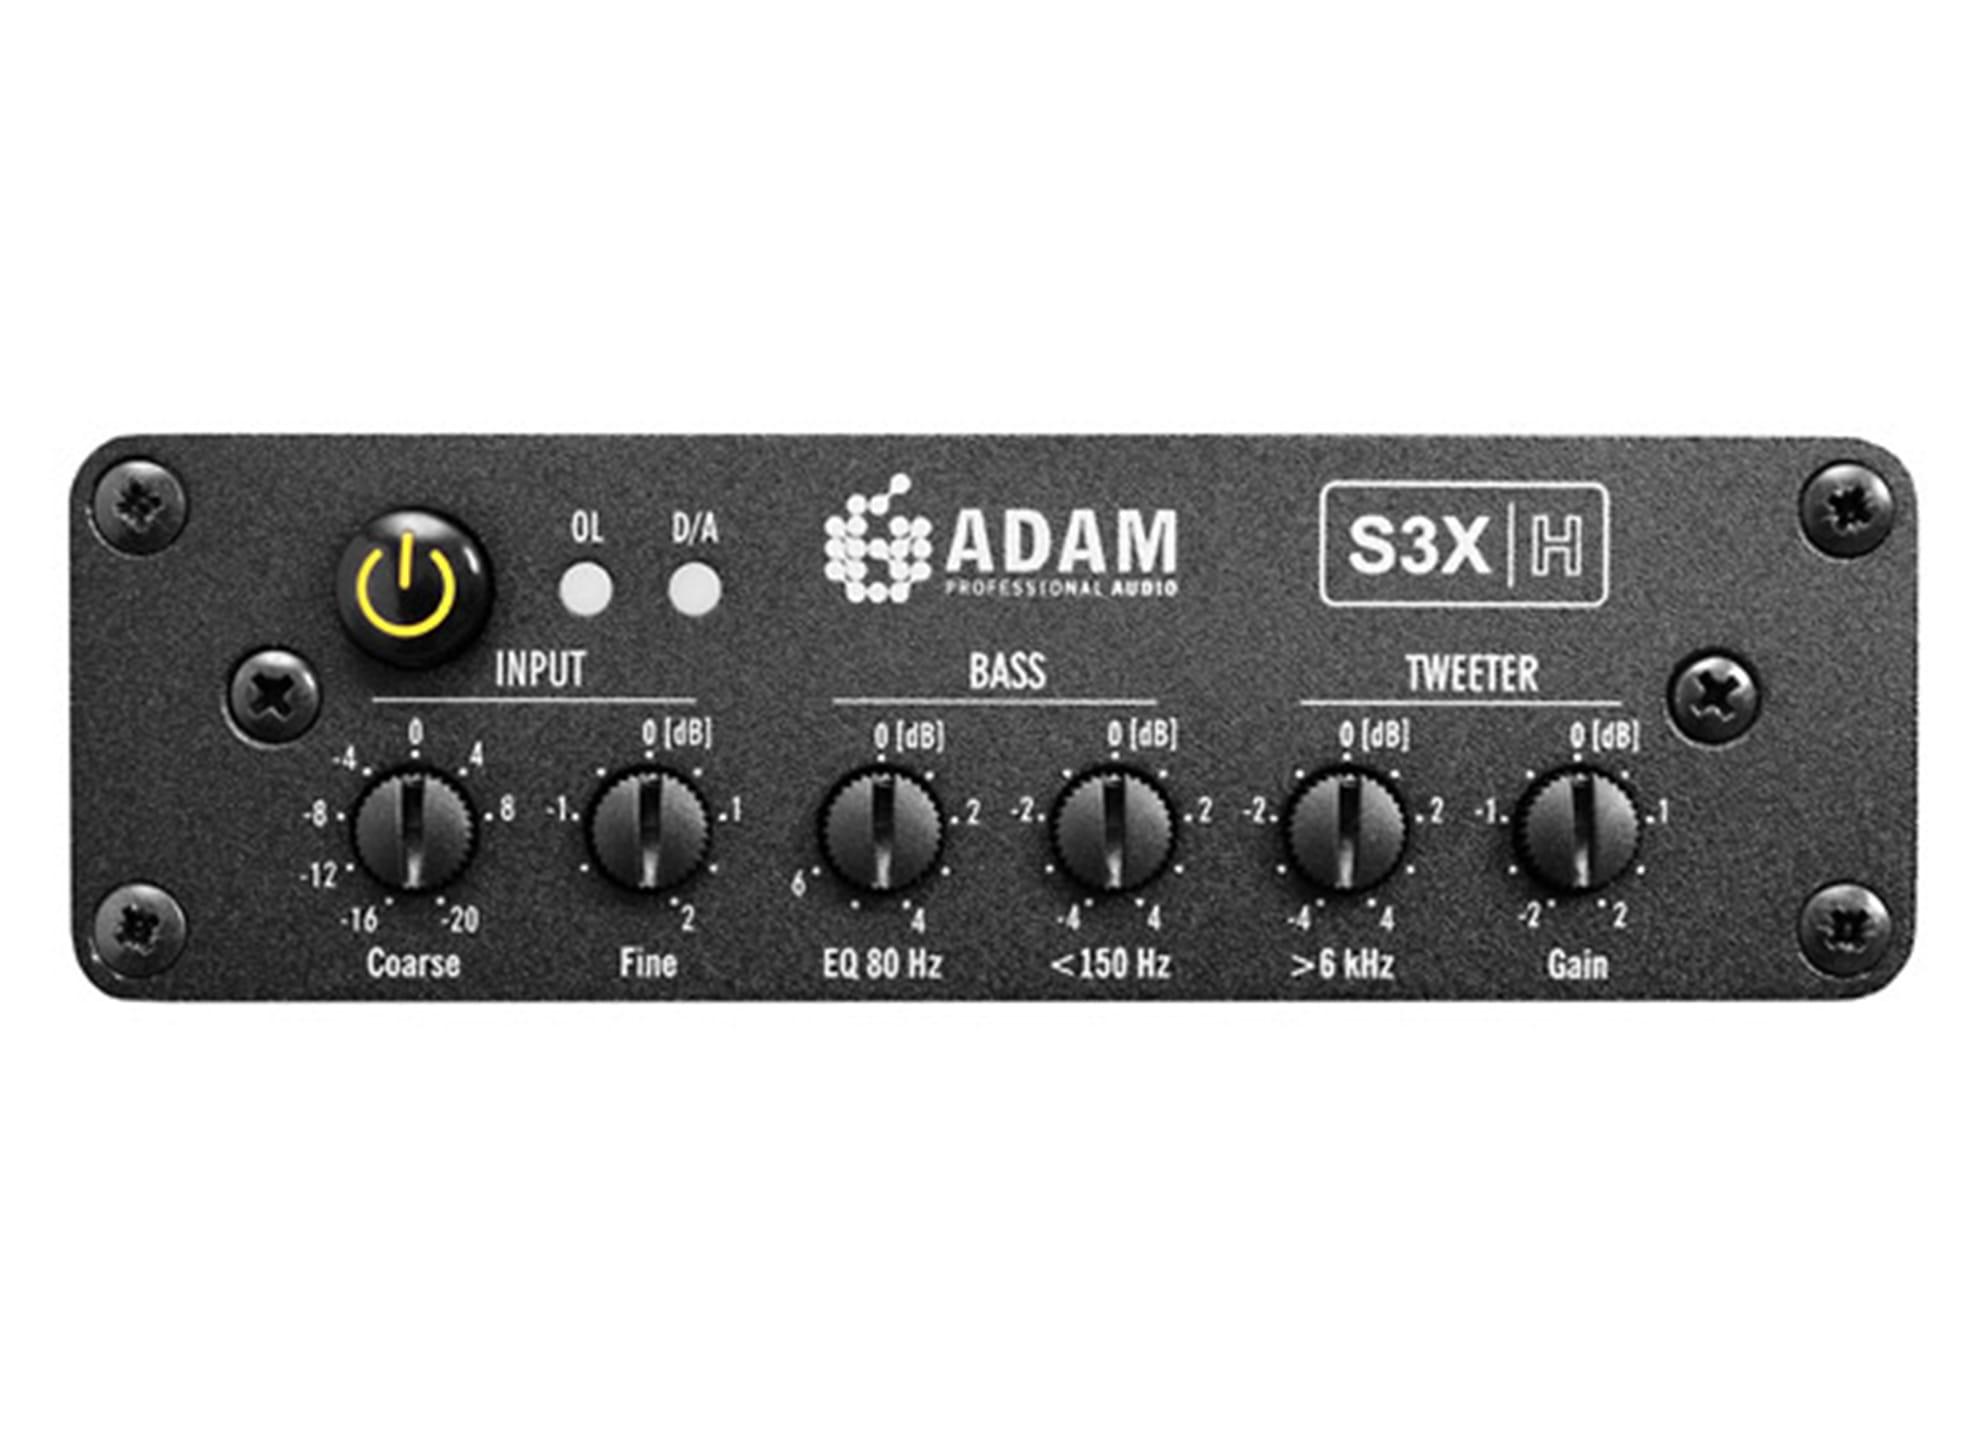 S5X-H